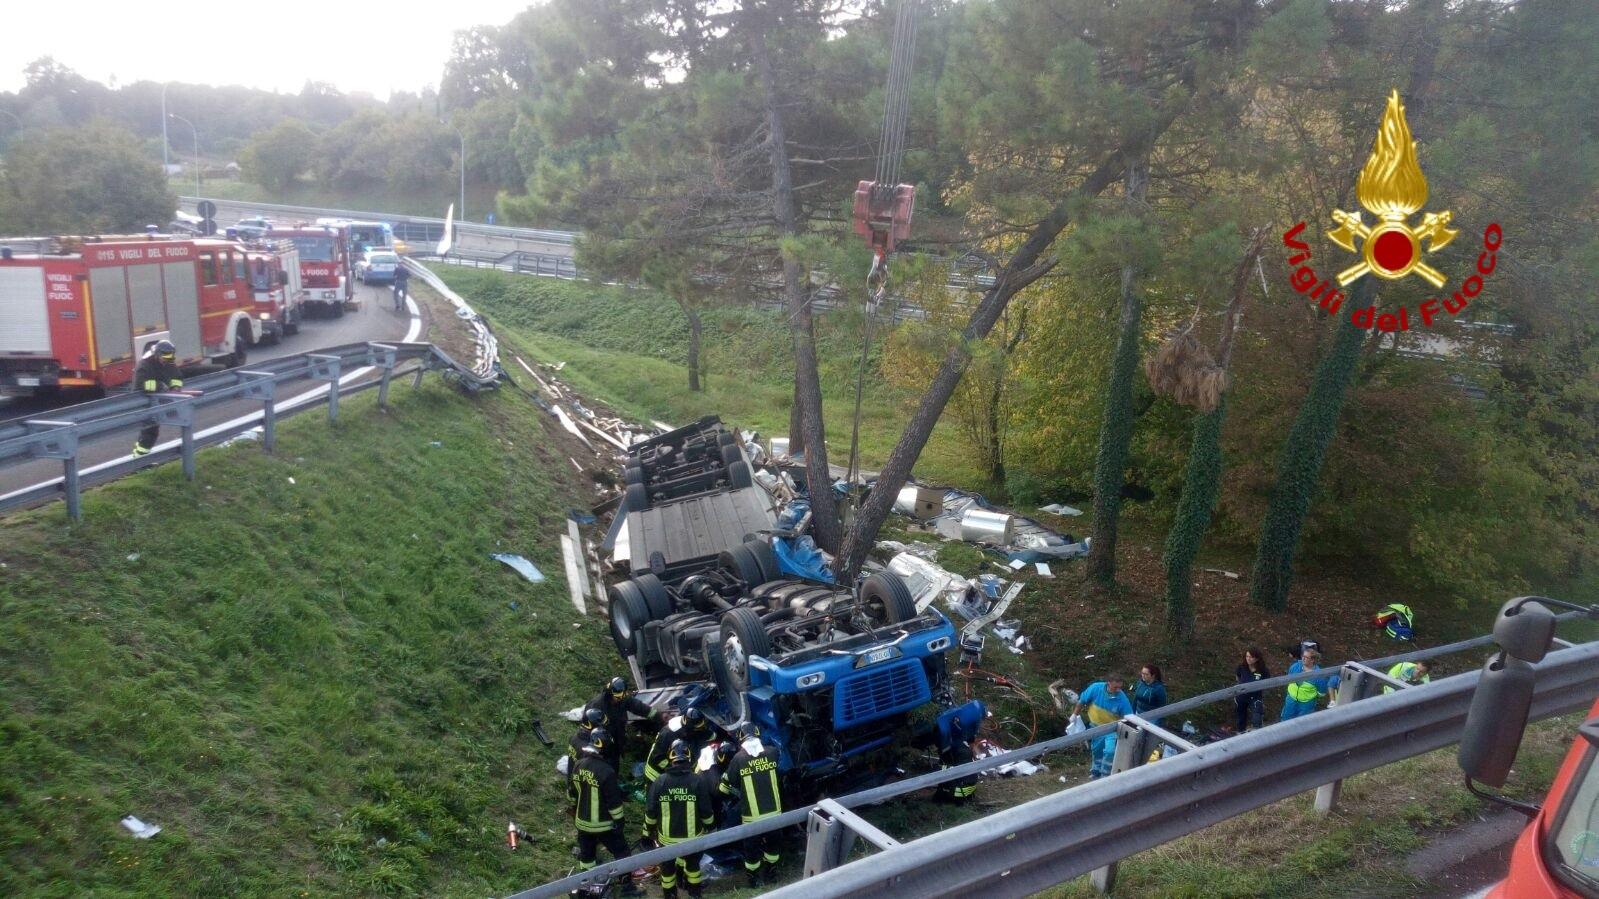 Camion vola fuori strada: muore conducente